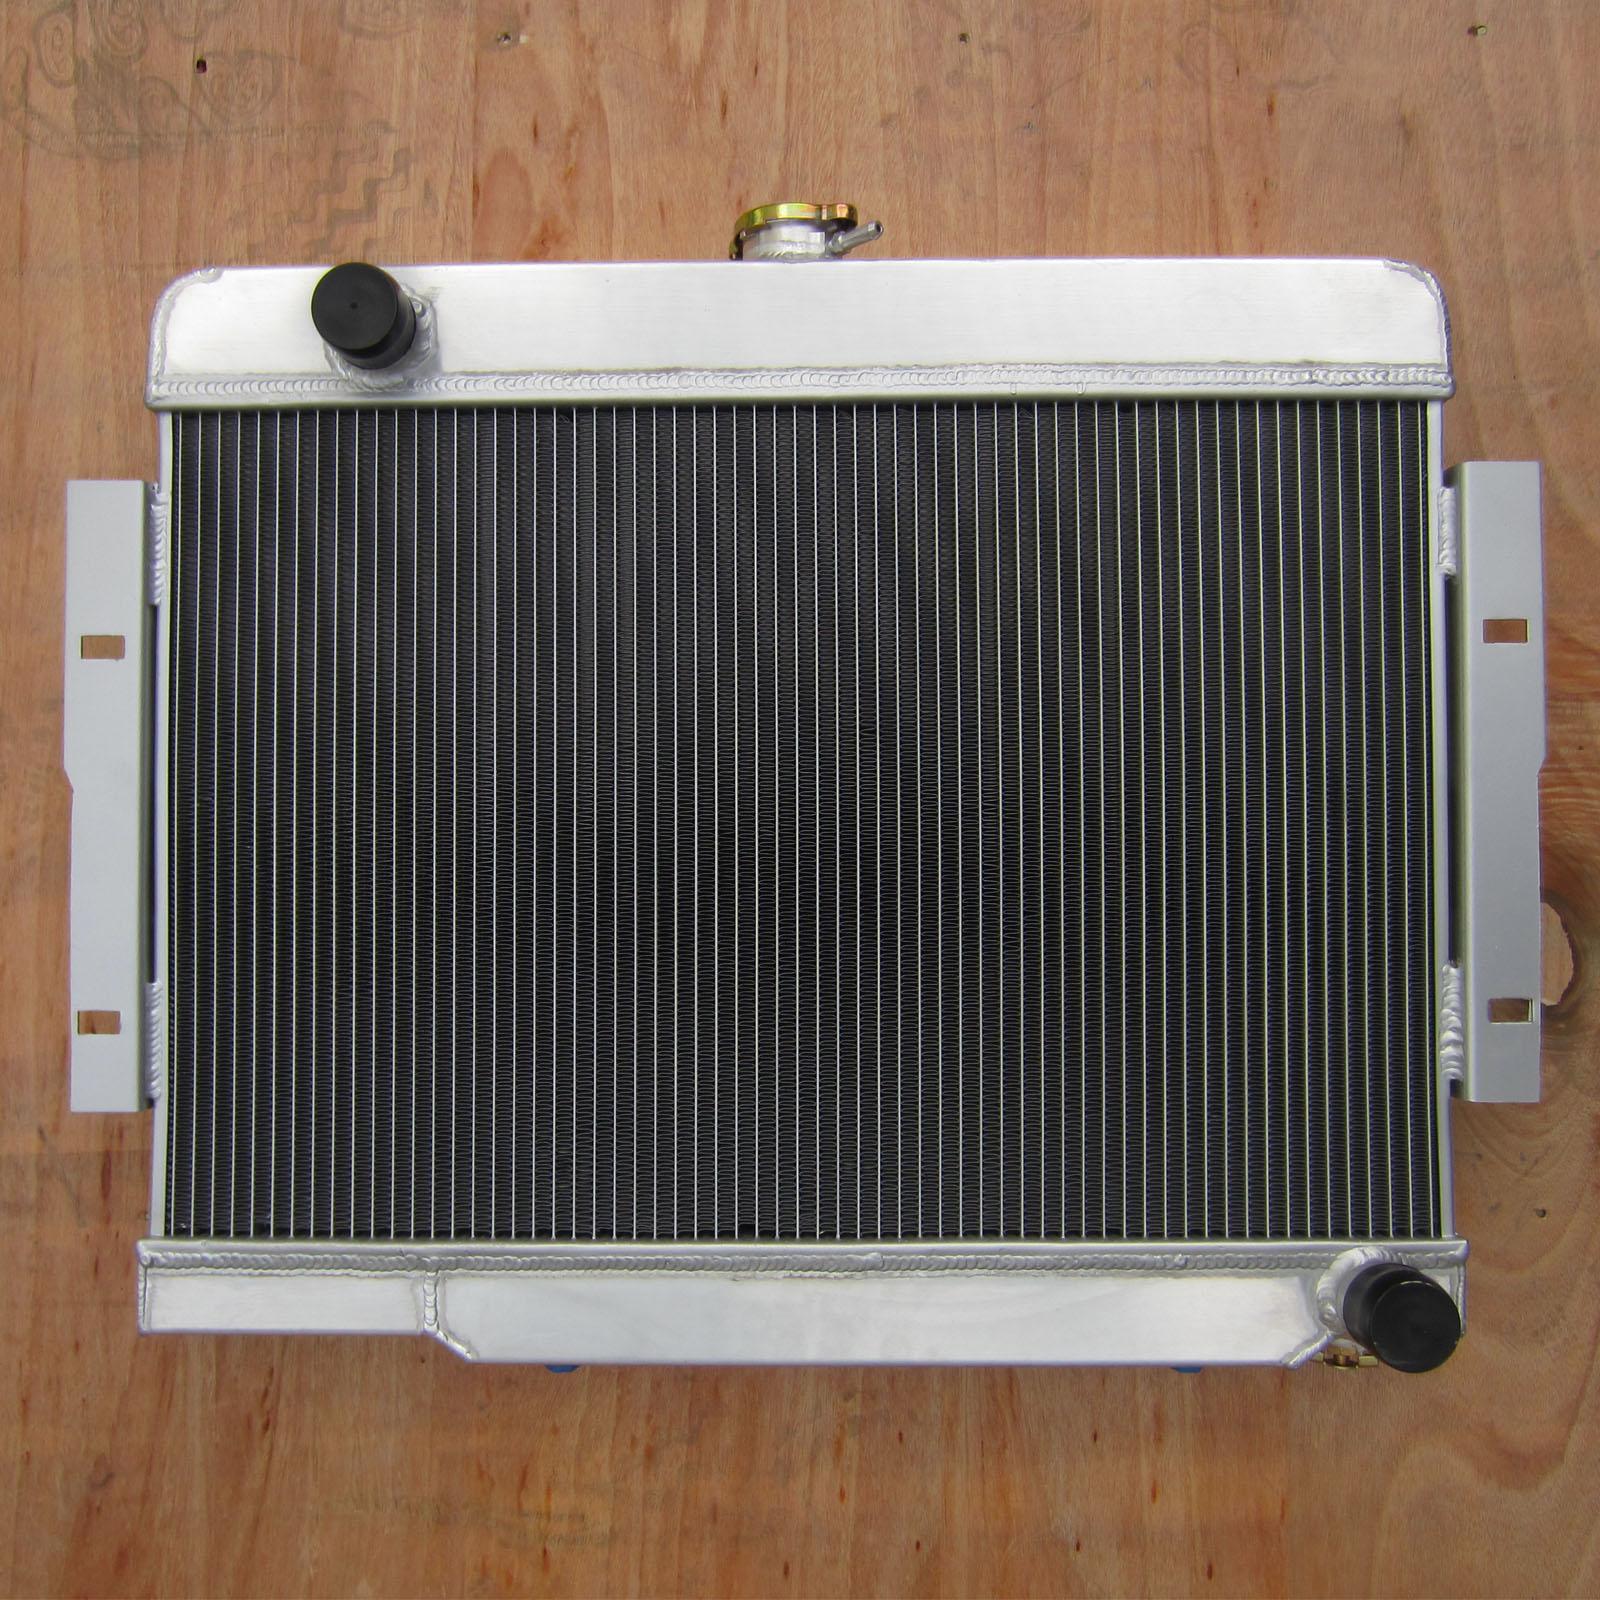 hight resolution of aluminum radiator fit jeep cj series v8 conversion engine cj5 cj6 cj7 3row 73 86